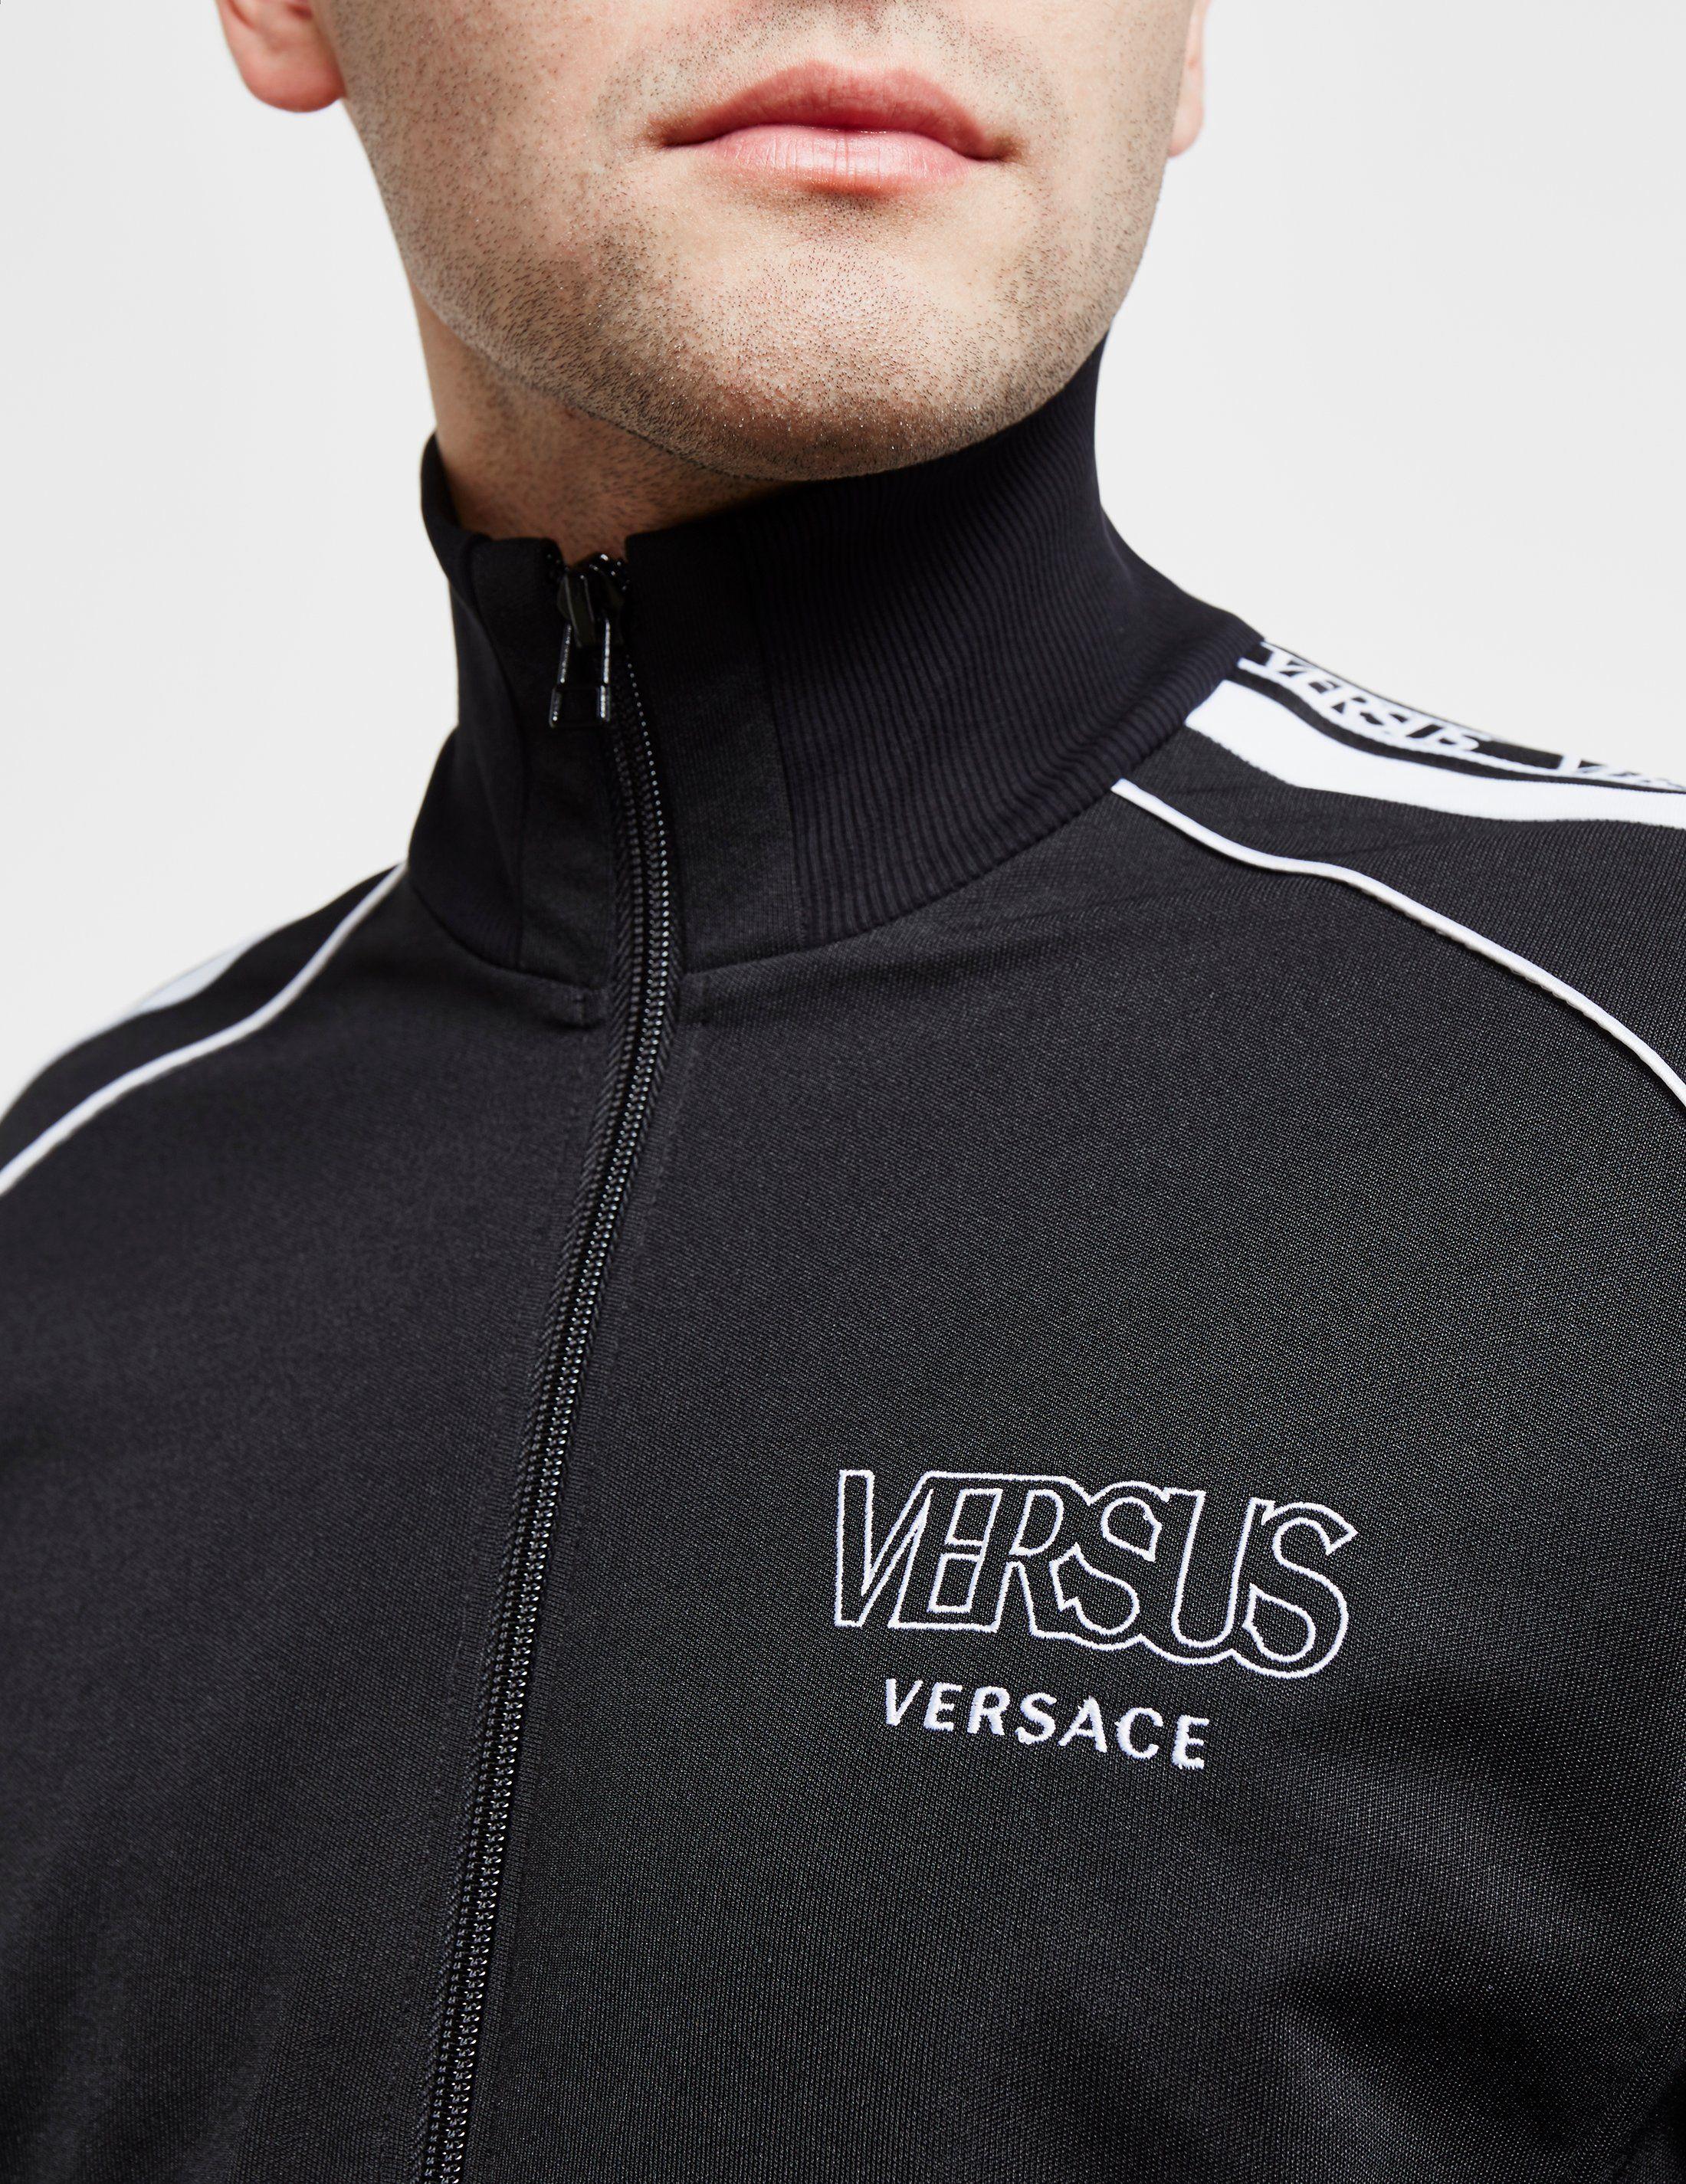 Versus Versace Tape Track Top